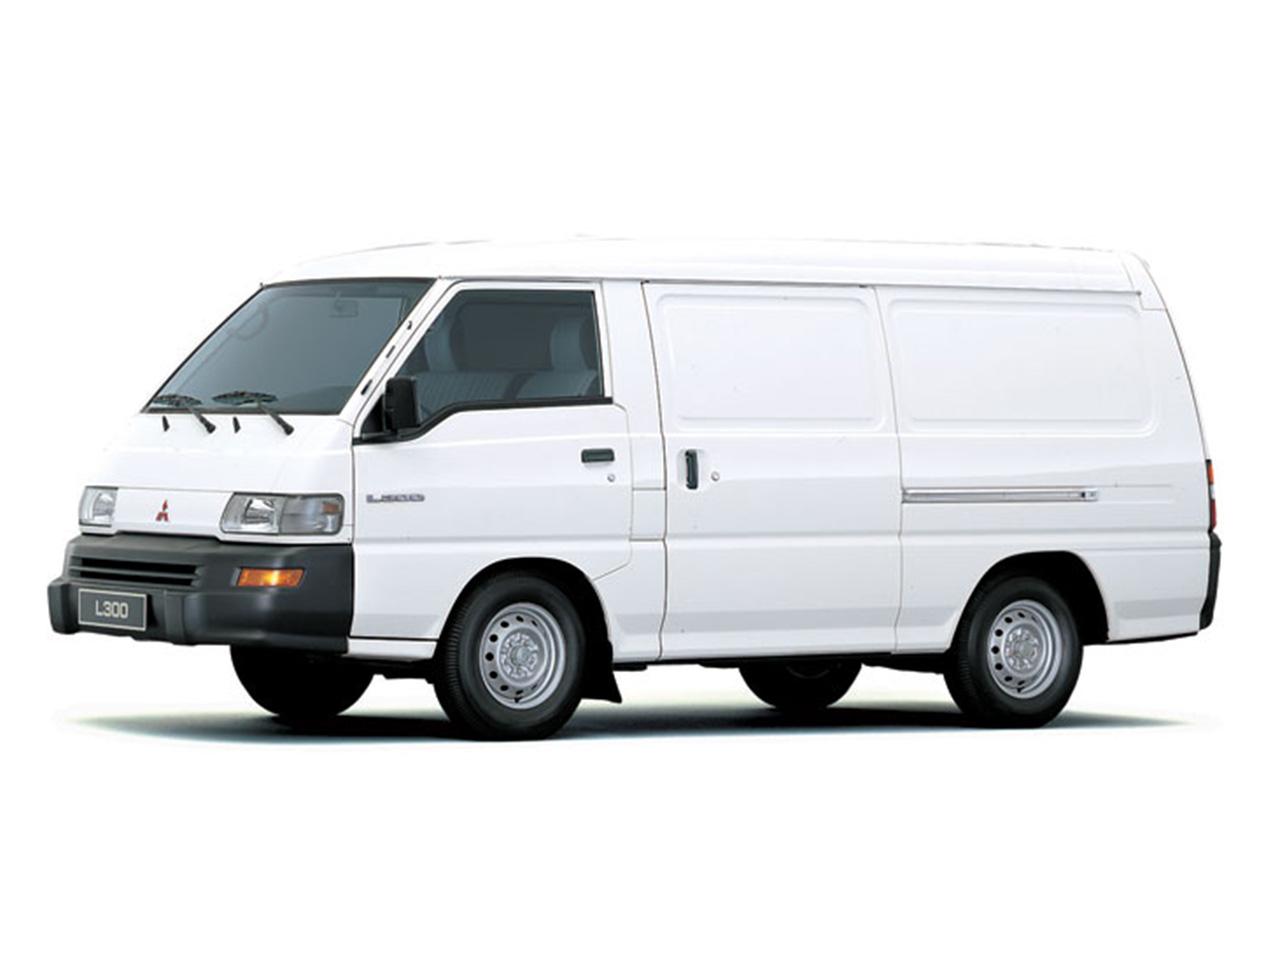 2018 Mitsubishi L300 Prices In Bahrain Gulf Specs